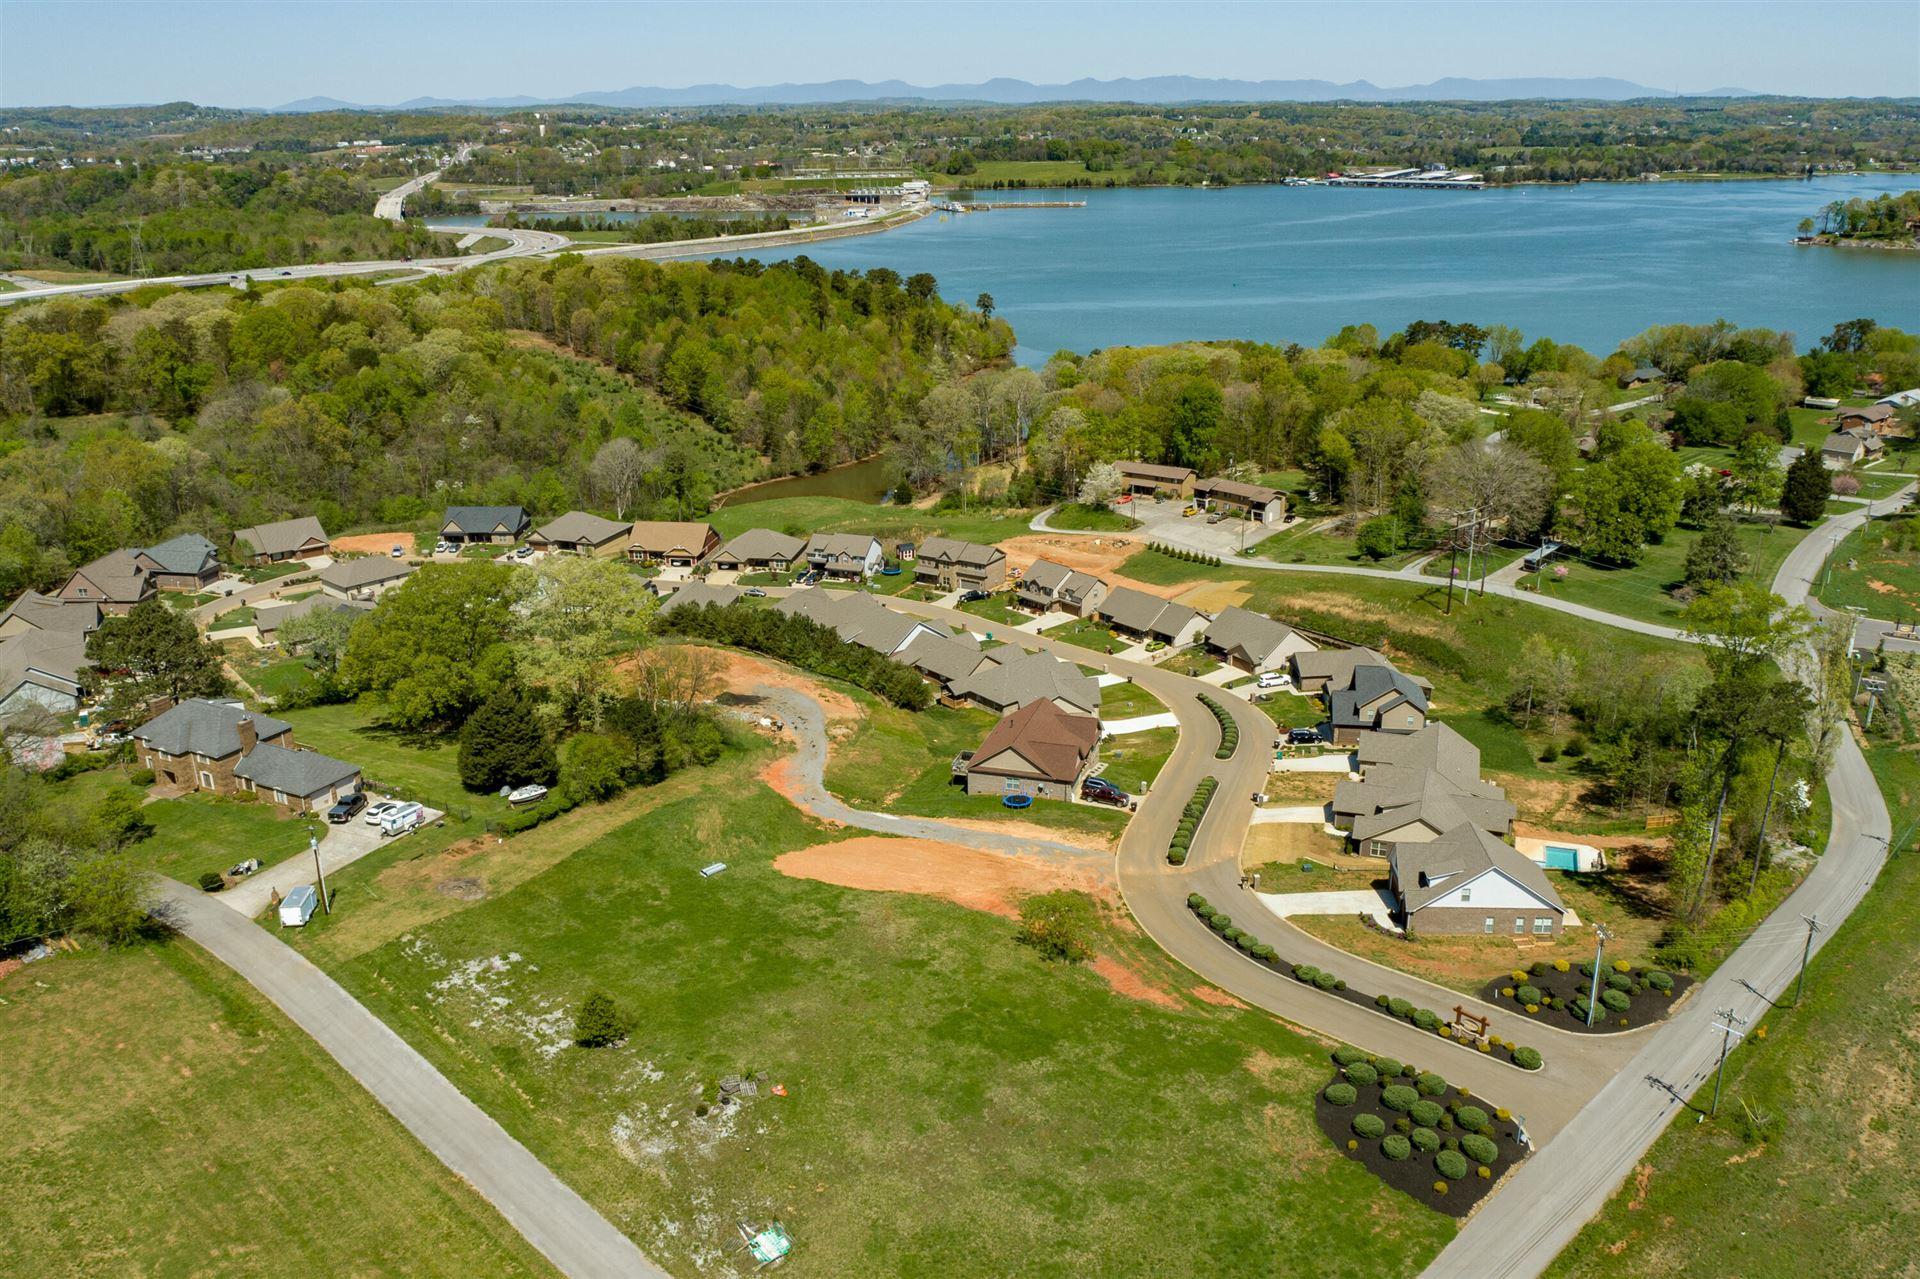 Photo of 1498 Conner Lane, Lenoir City, TN 37772 (MLS # 1158726)